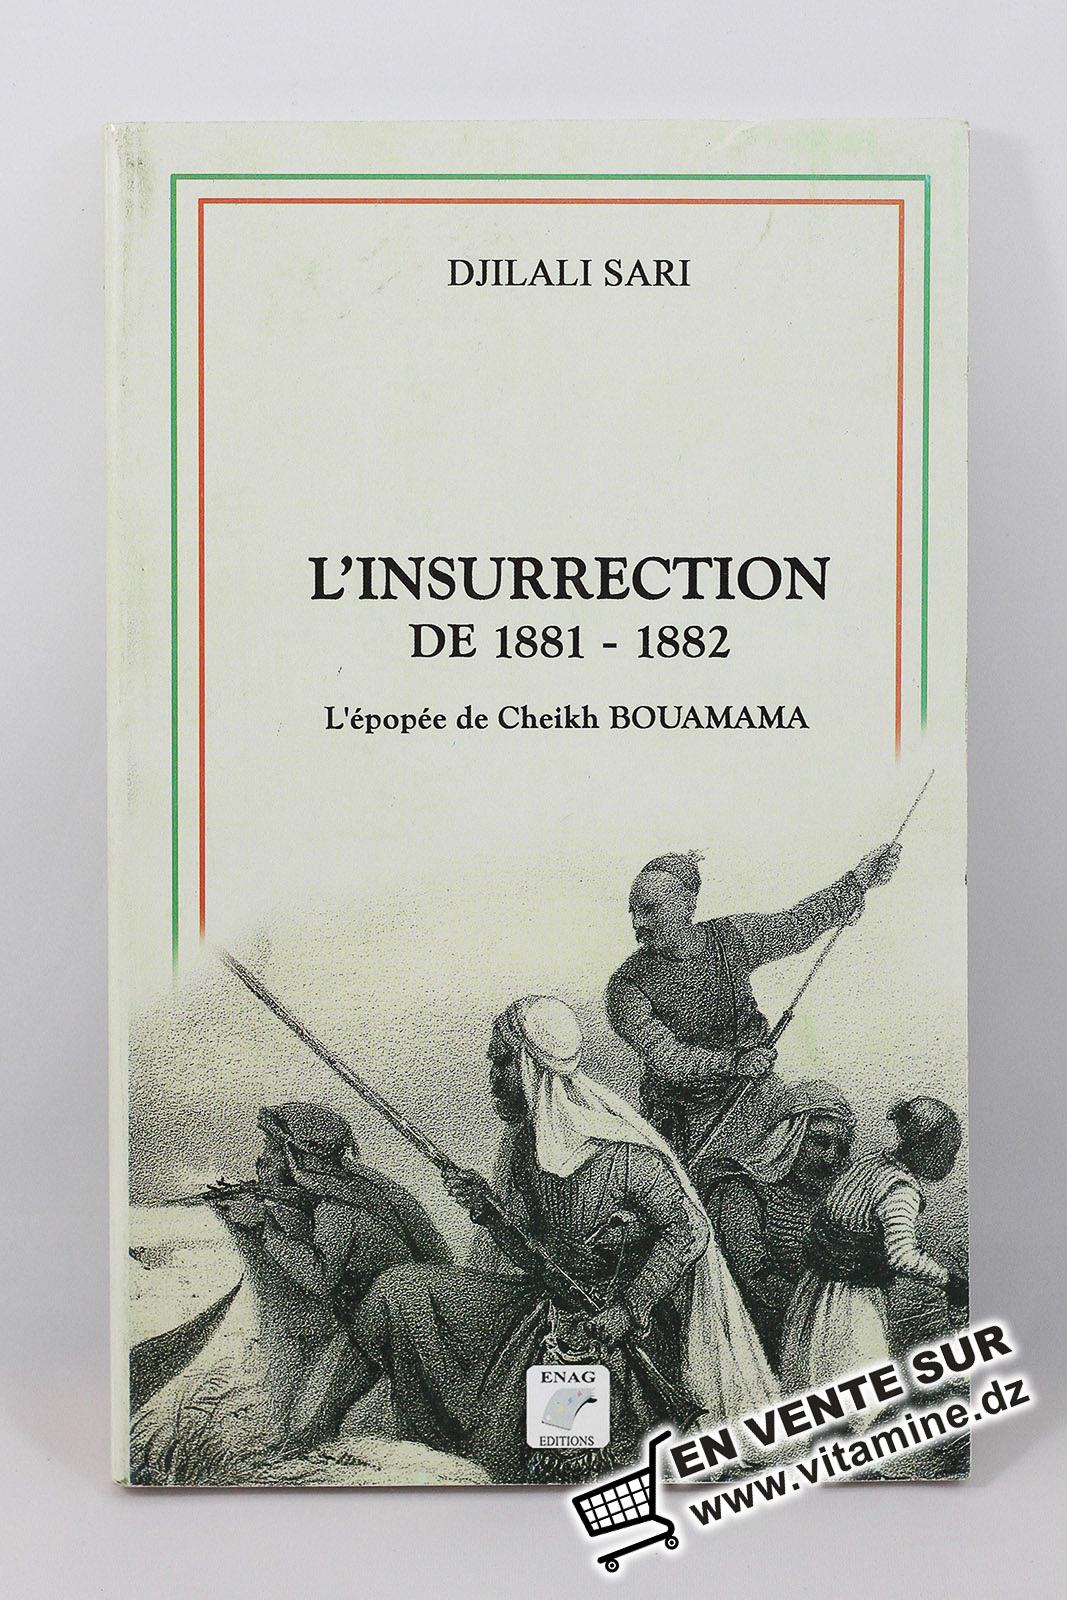 Djilali Sari - l'insurrection de 1881-1882 l'épopée de Cheikh Bouamama